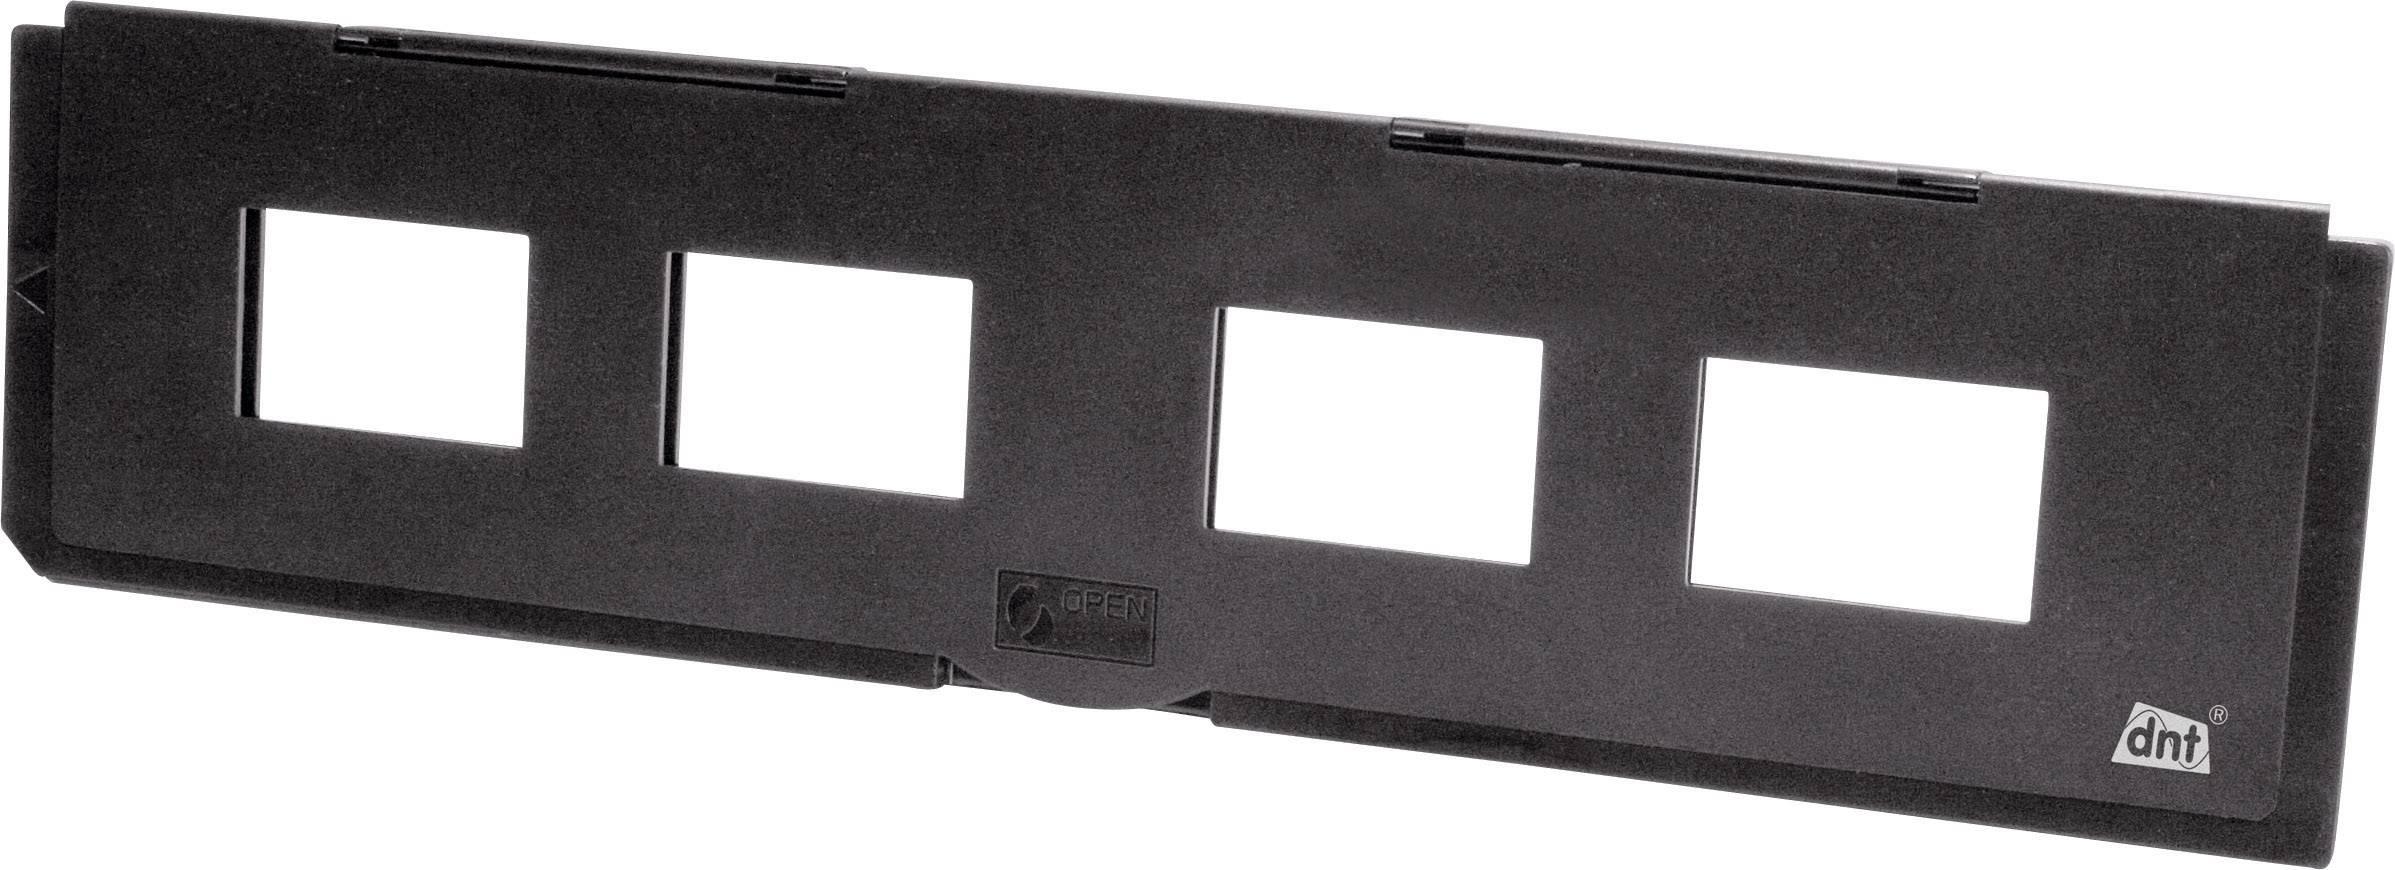 Skener na diapozitívy a negatívy DNT DigiScan TV 9.0, ZADARMO 2 GB SD karta